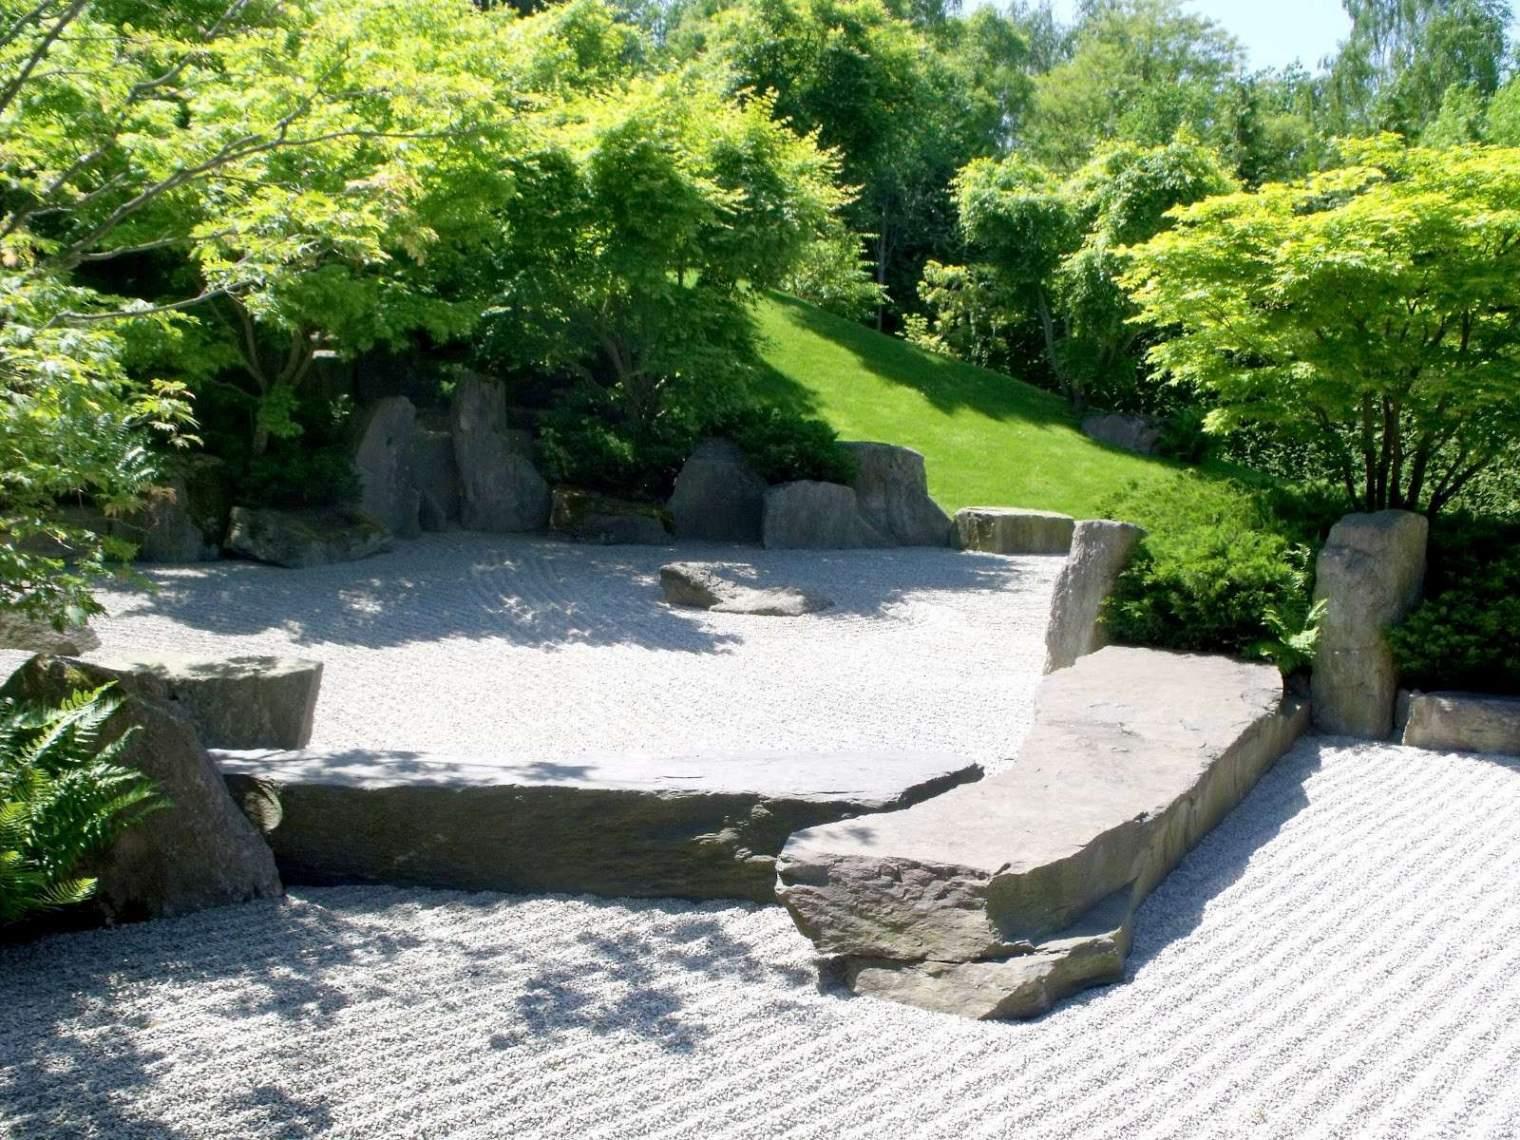 Schöne Kleine Gärten Frisch Kleine Pools Für Kleine Gärten — Temobardz Home Blog